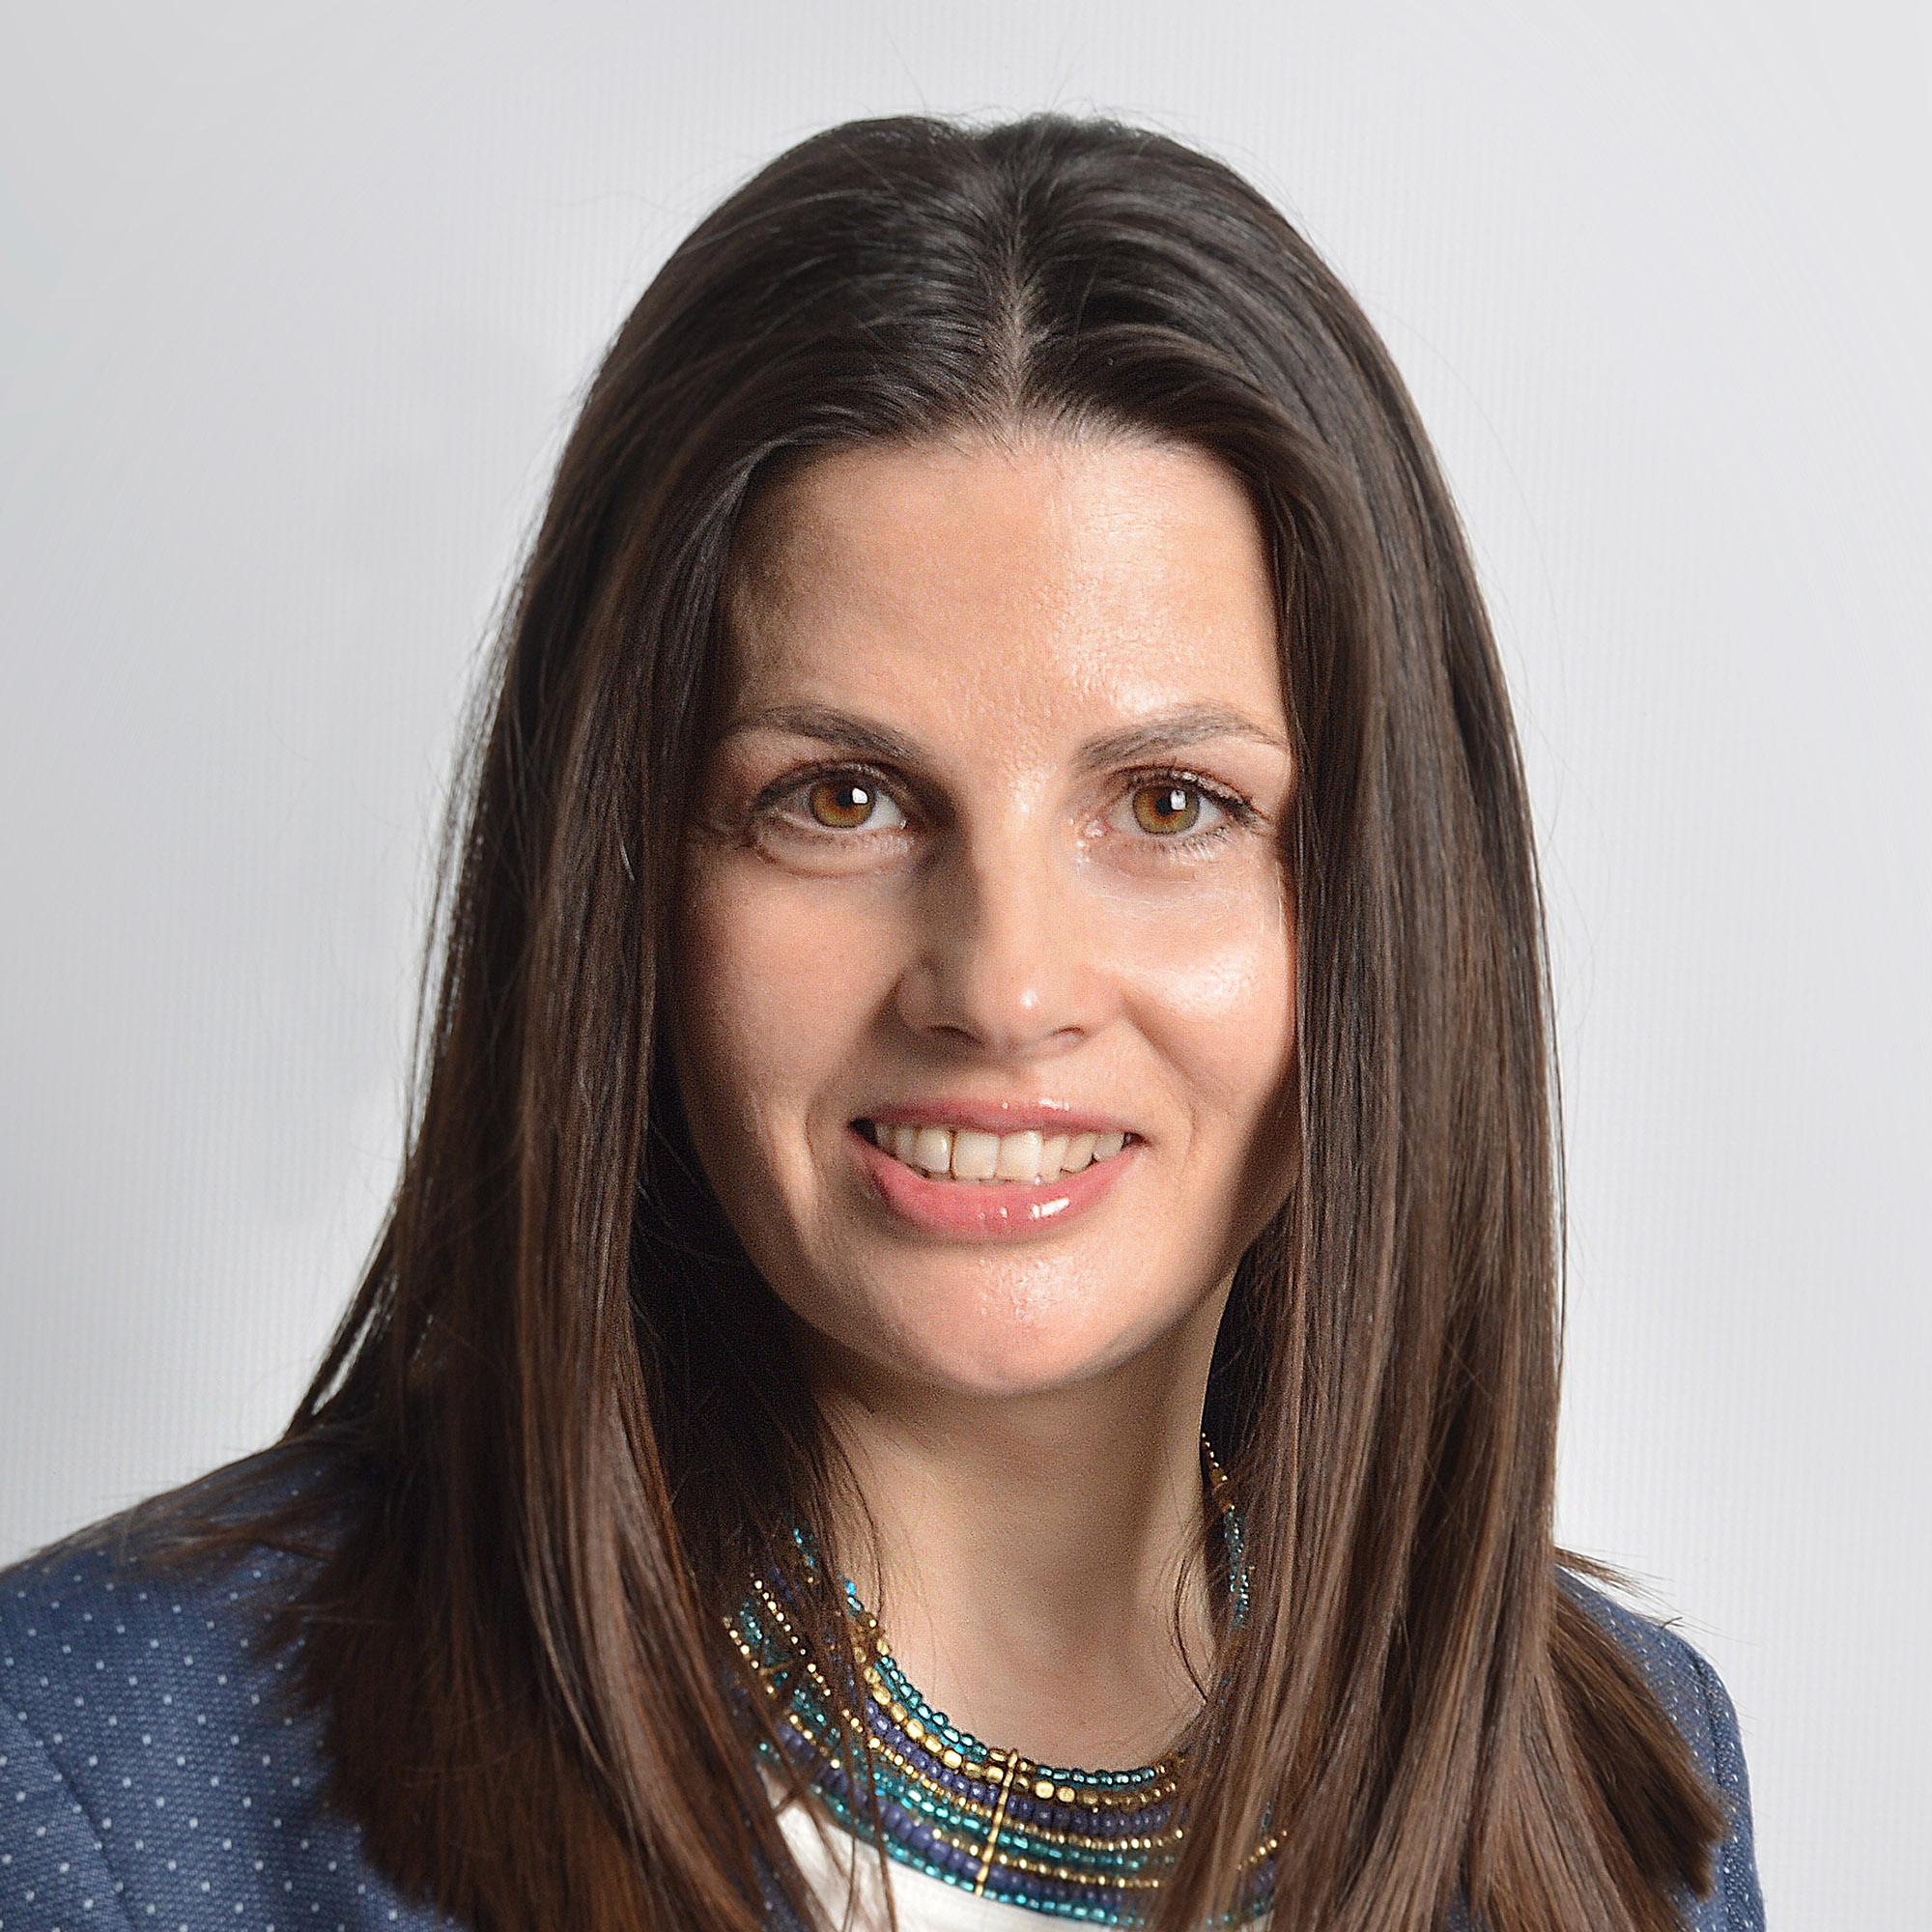 Minodora SĂLCUDEAN